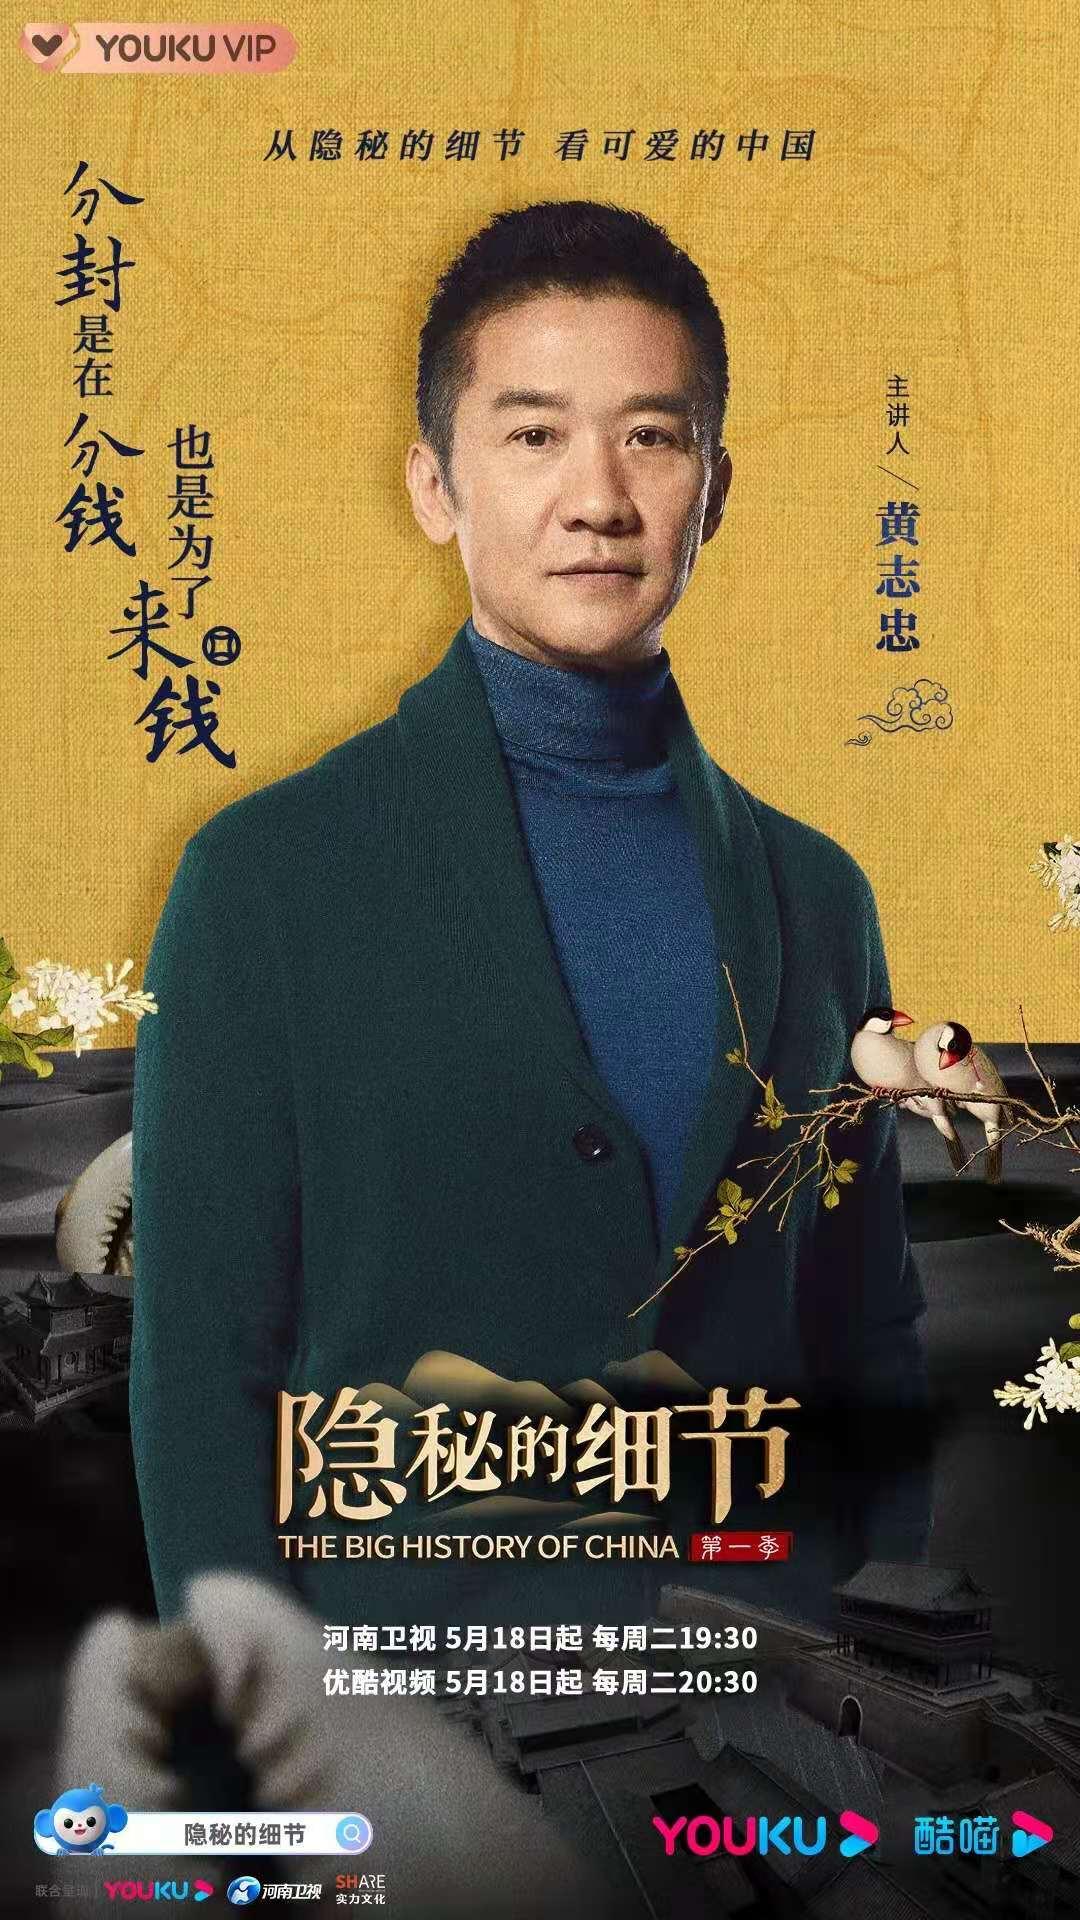 黄志忠《隐秘的细节》更新 生动叙述揭开分封的秘密